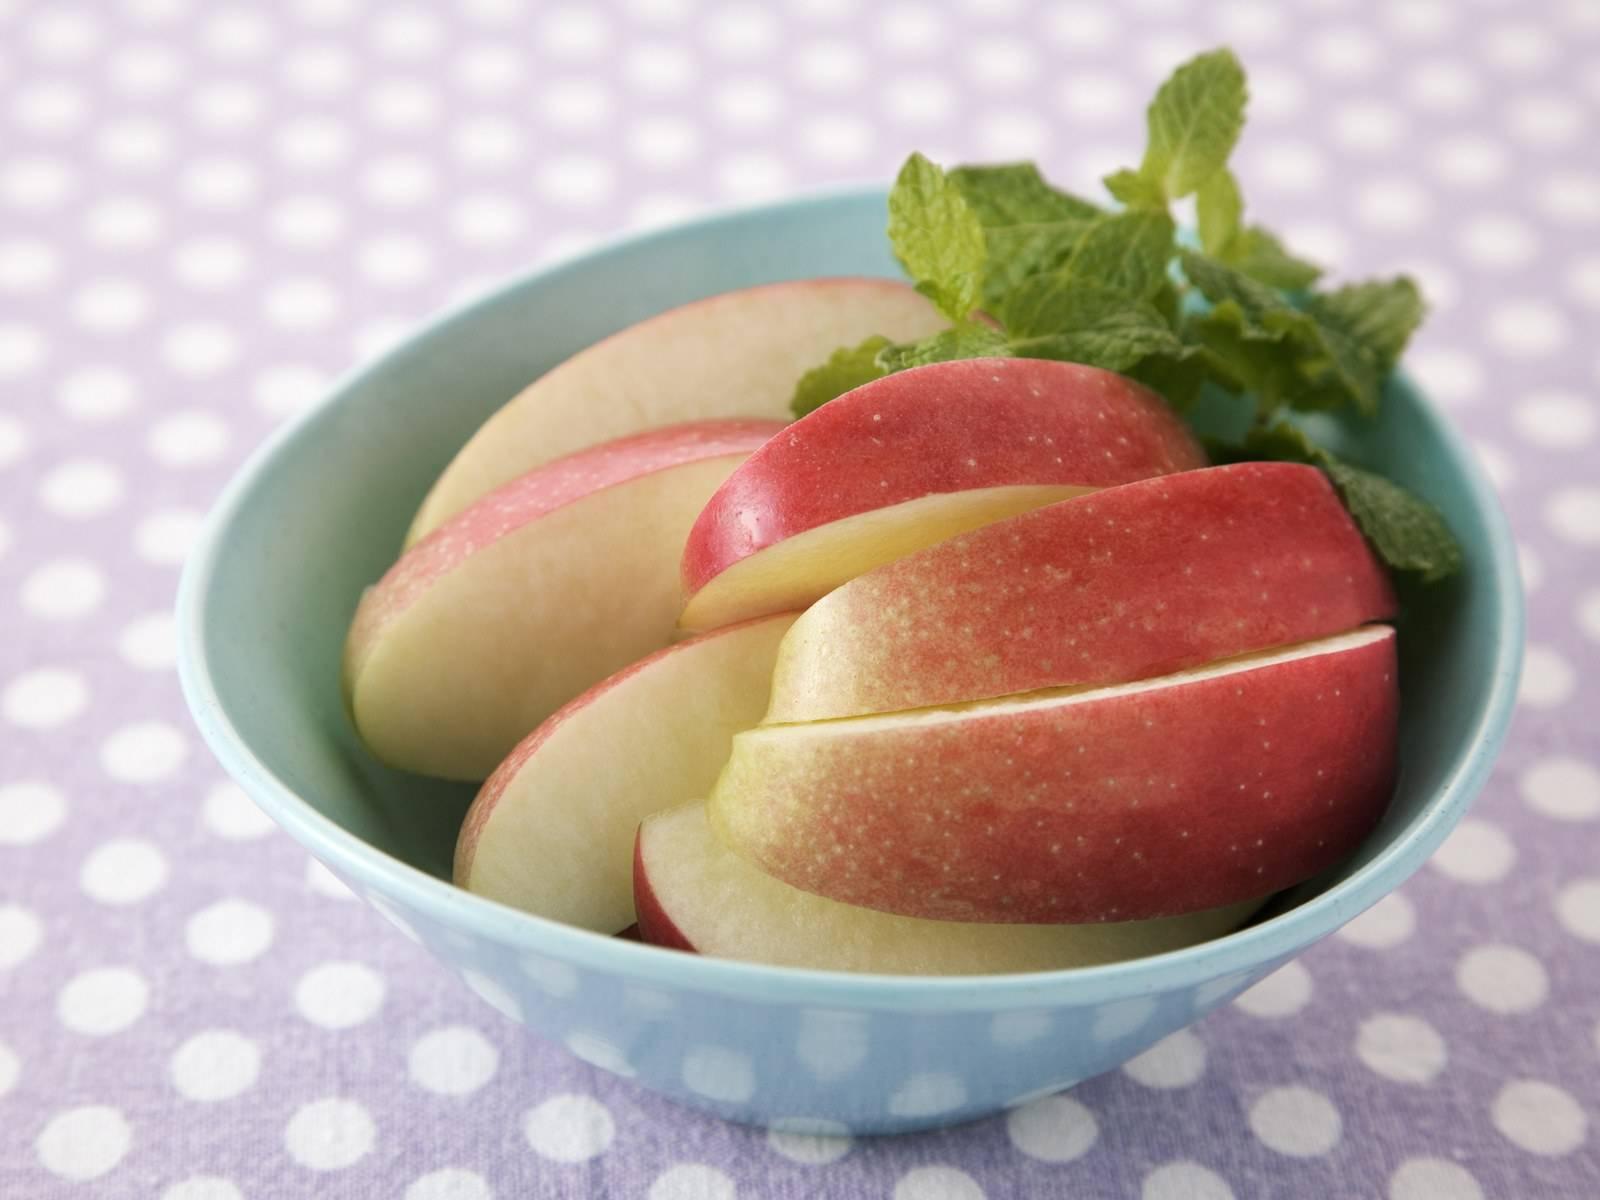 血脂高吃什么水果好 苹果就是宝